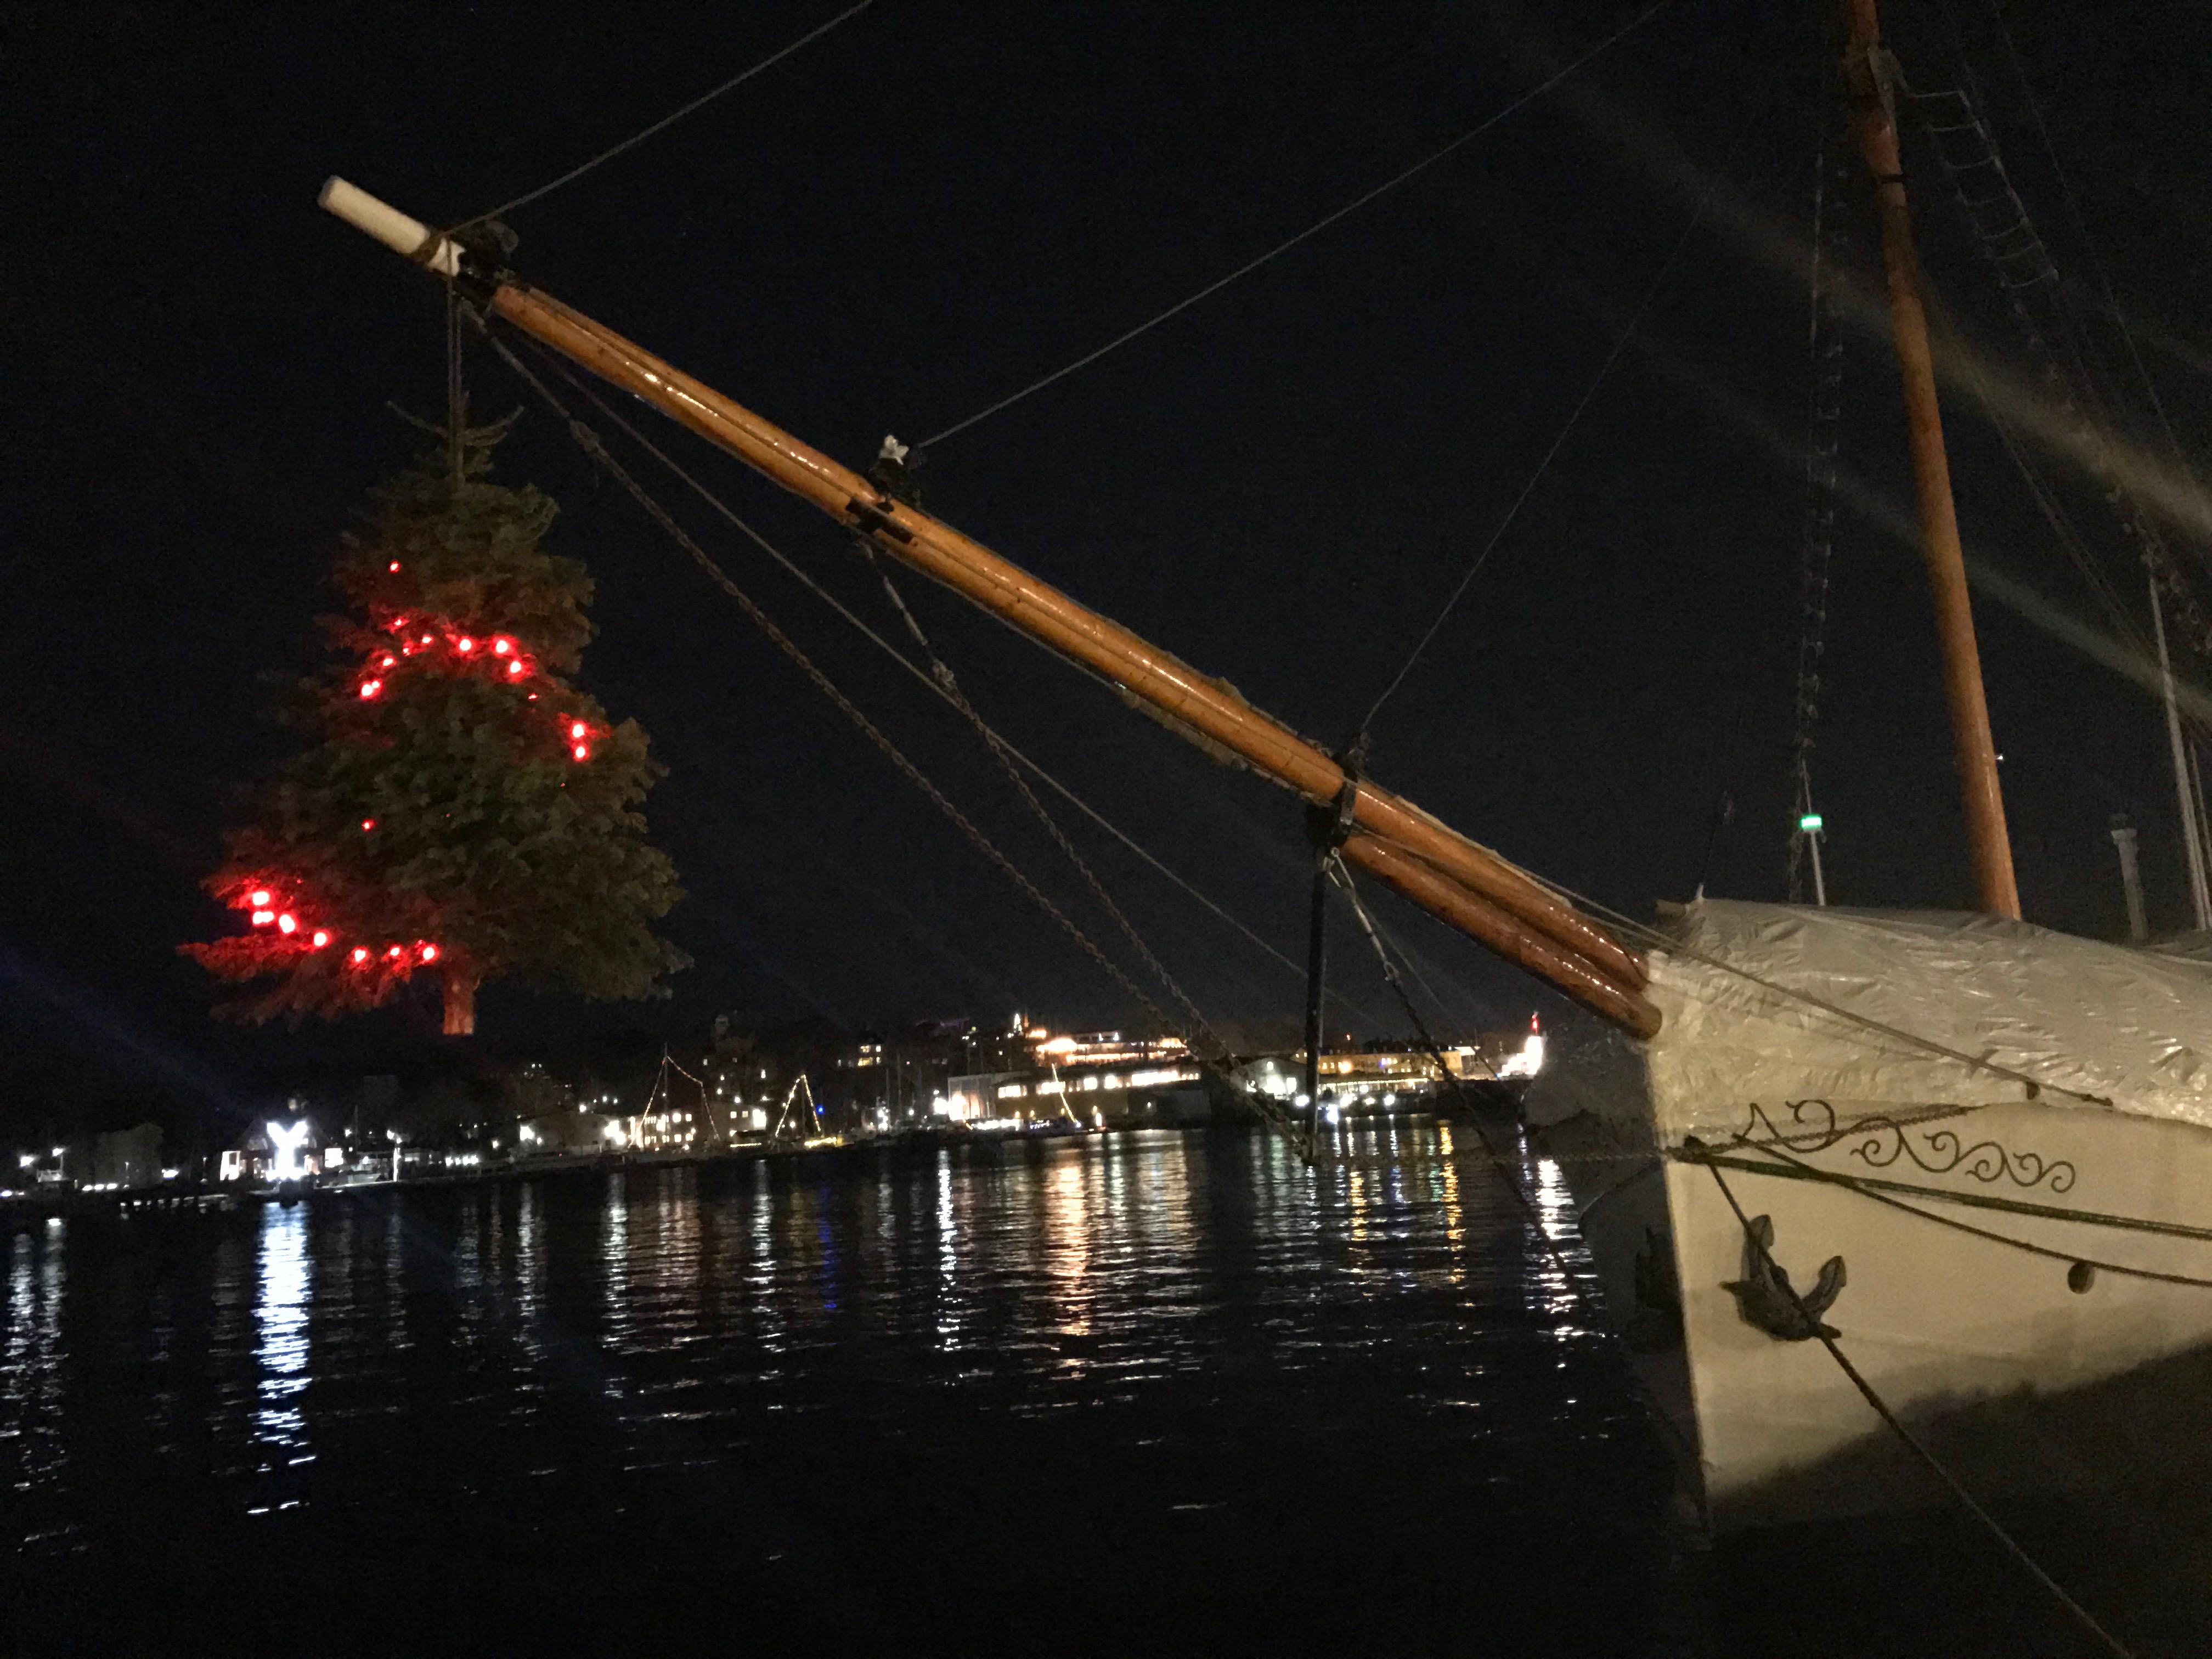 Kurs eller segling som julklapp |